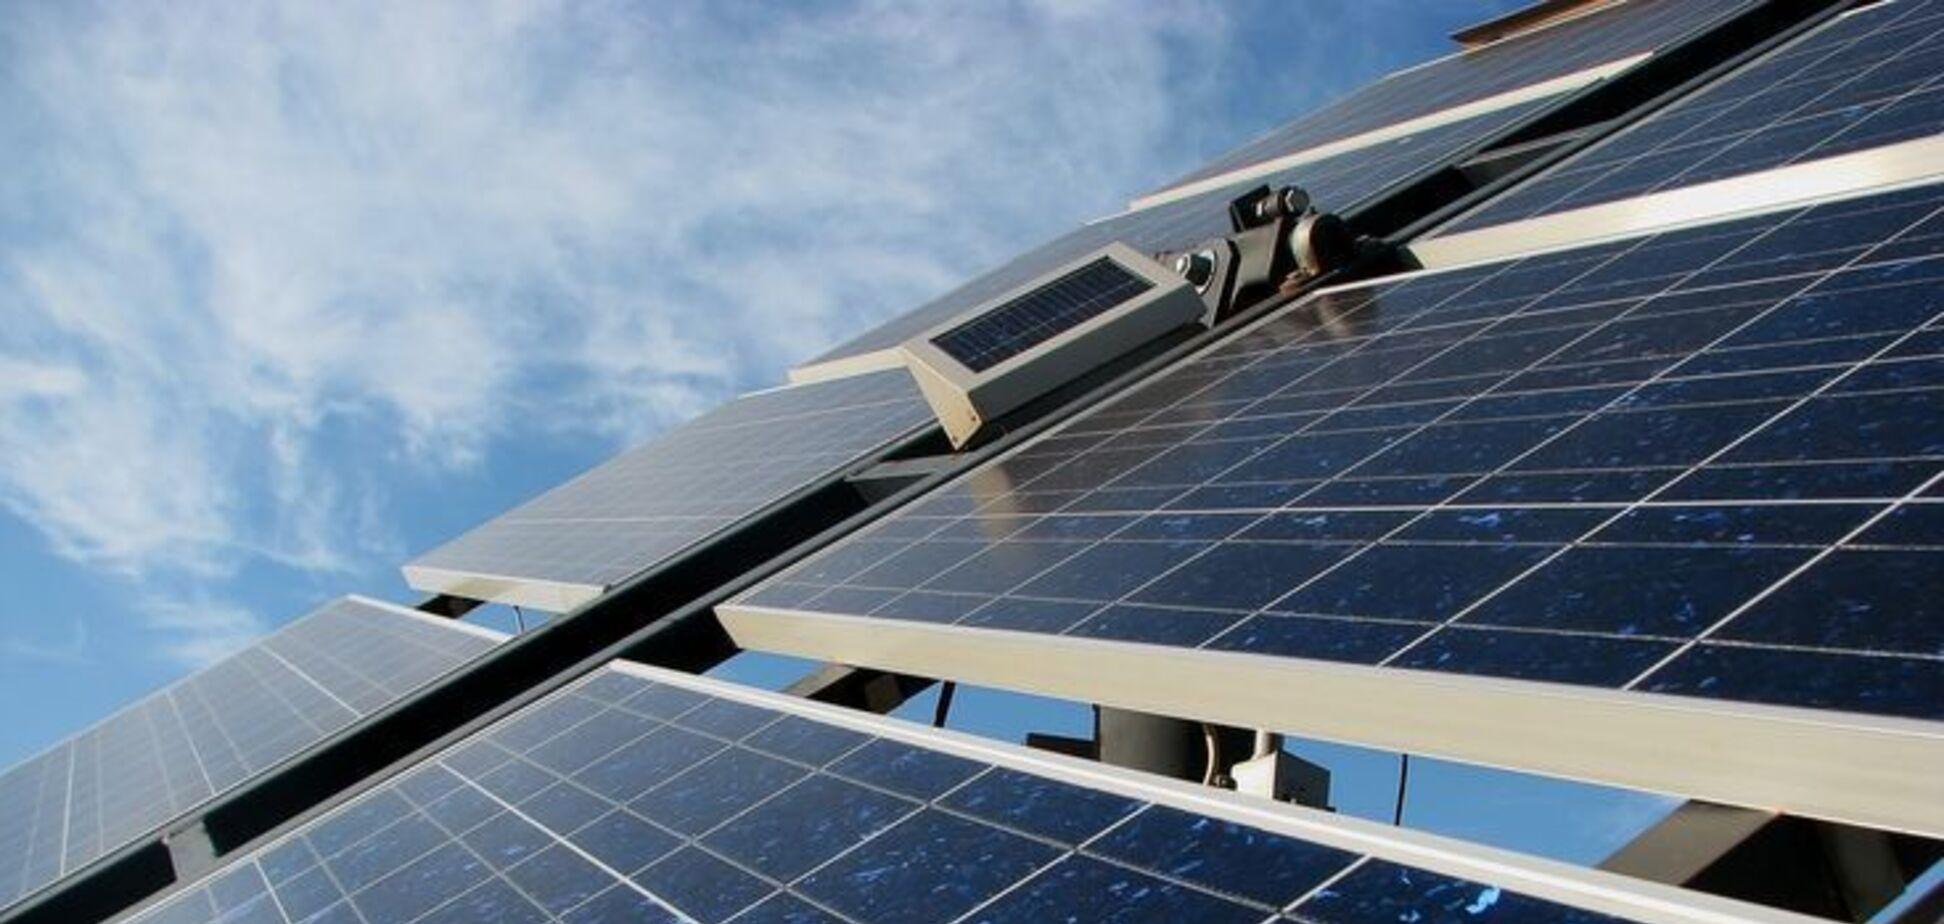 Мировой рекорд: в Китае показали самые мощные солнечные панели